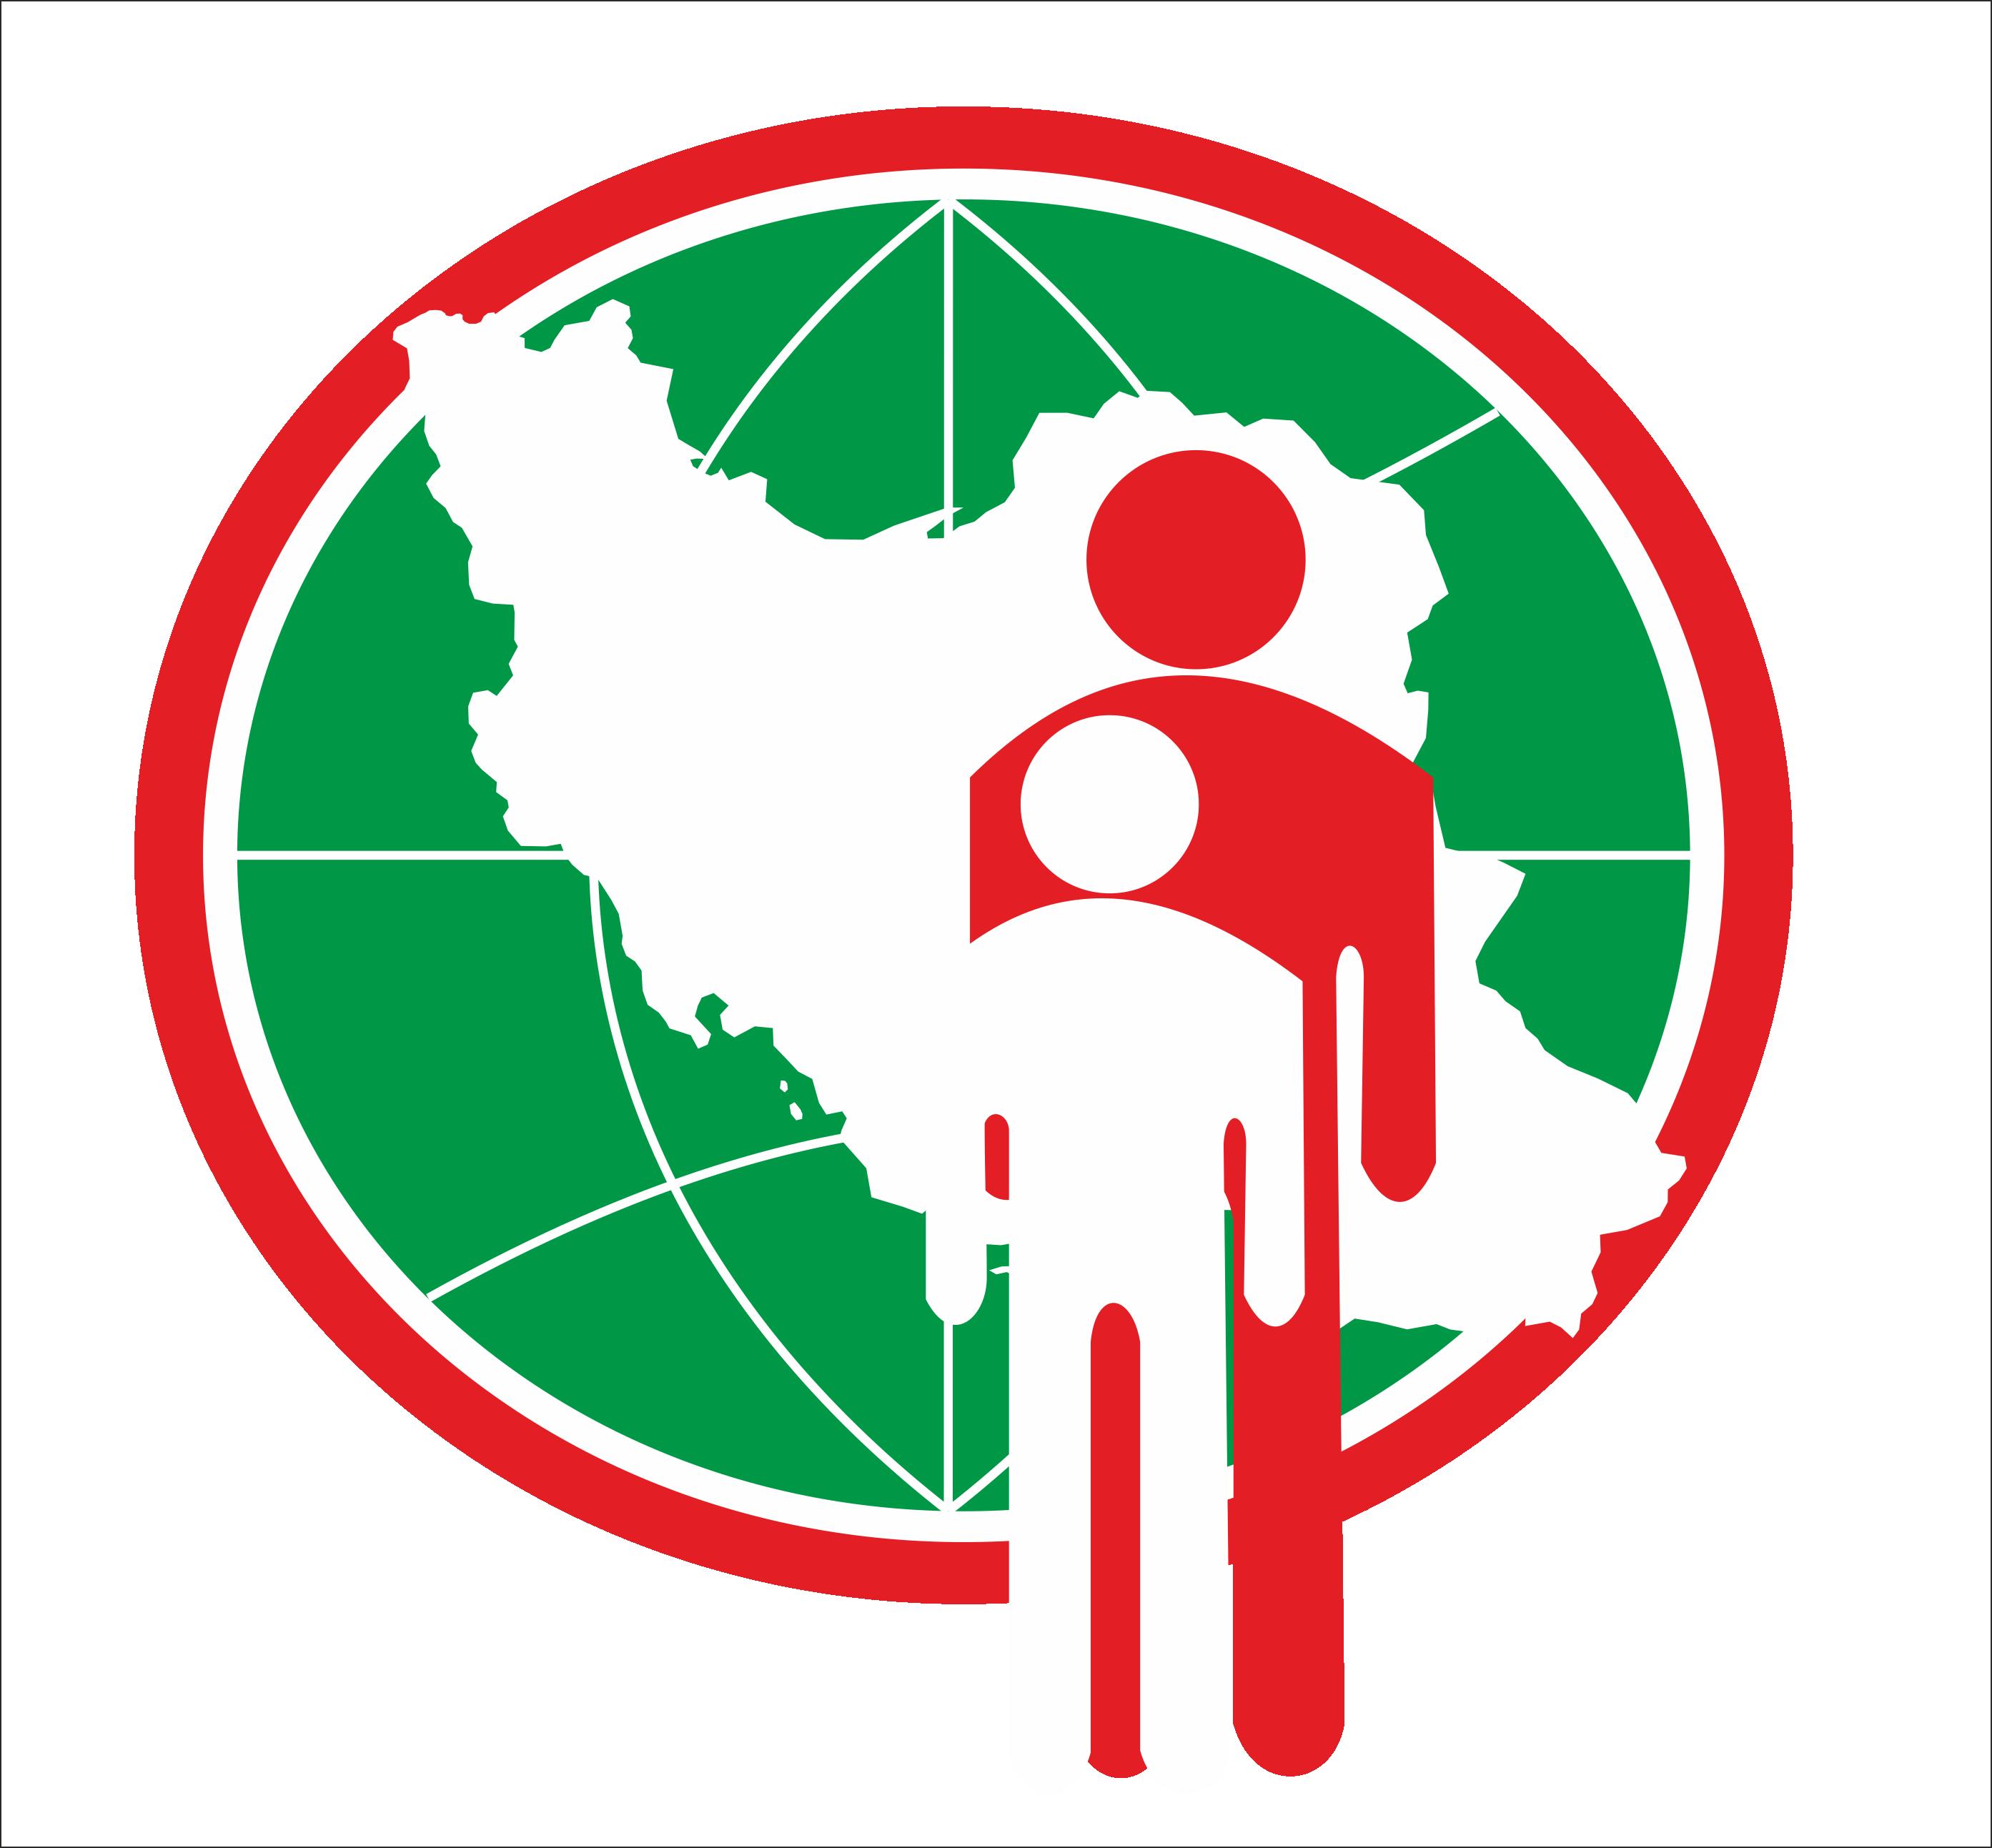 سوالات استخدامی سازمان ثبت احوال کشور (اصل سوالات آزمون ۹۸)